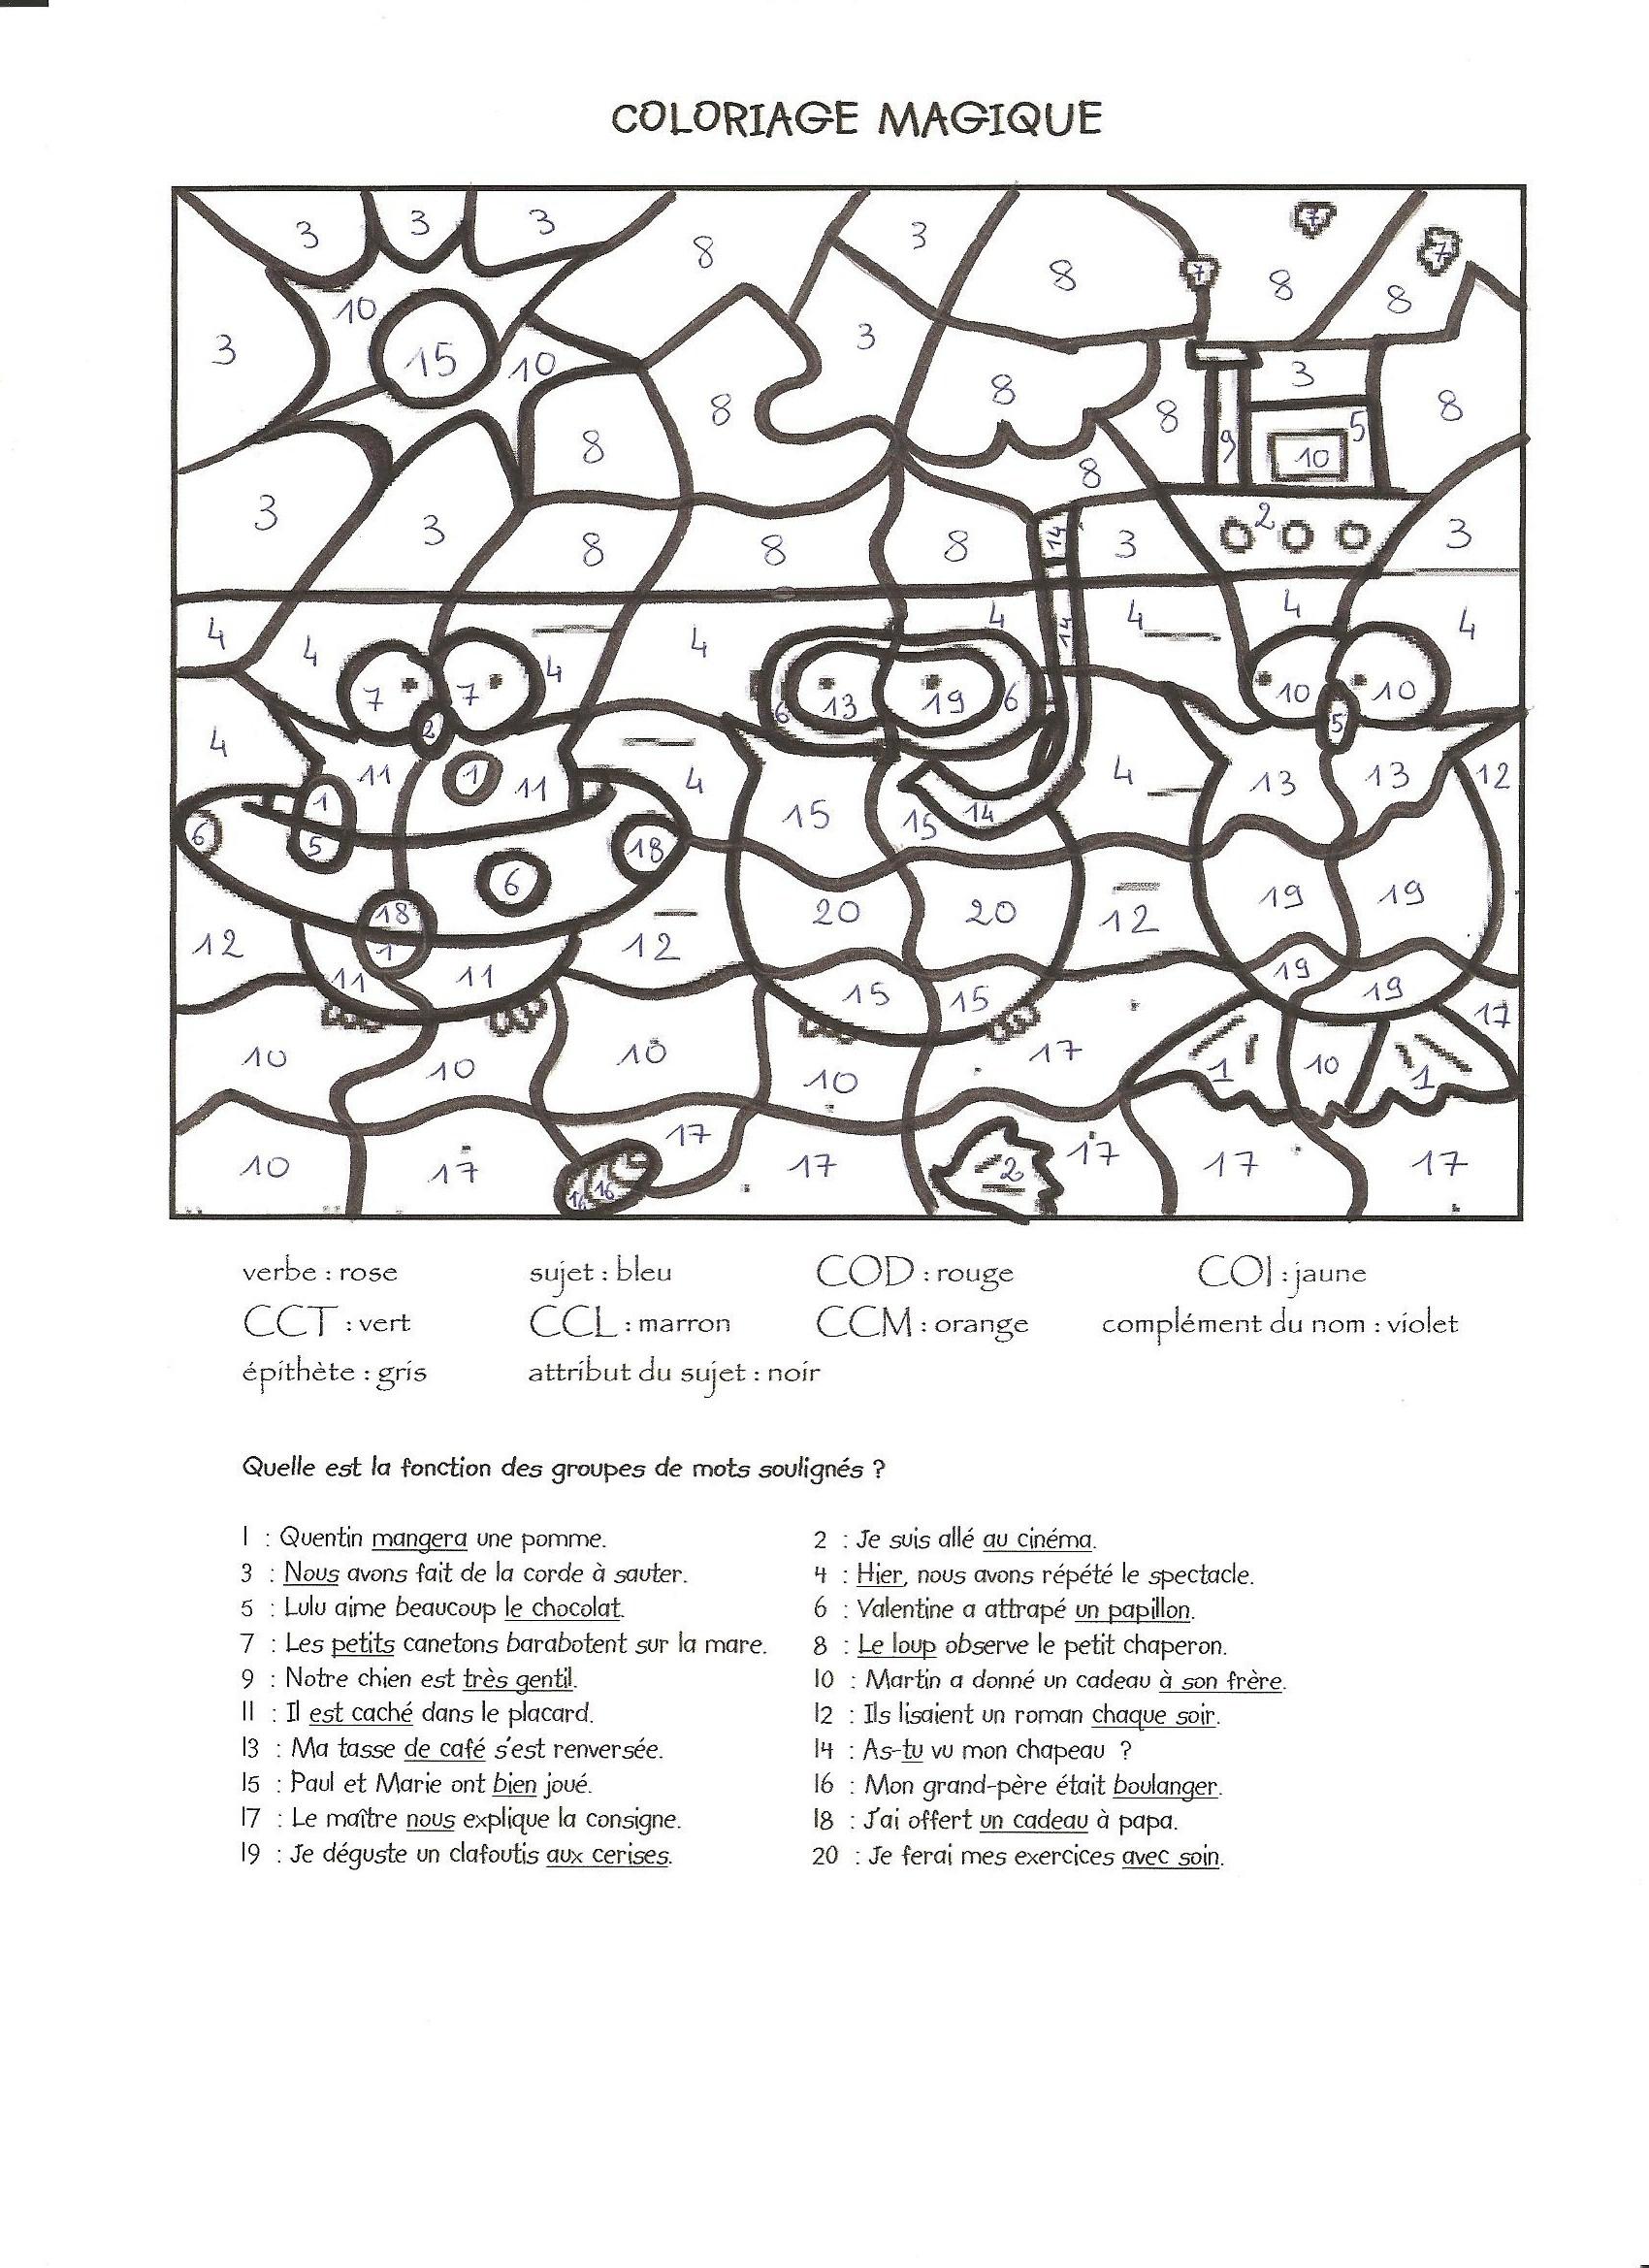 20 dessins de coloriage magique ce1 français à imprimer